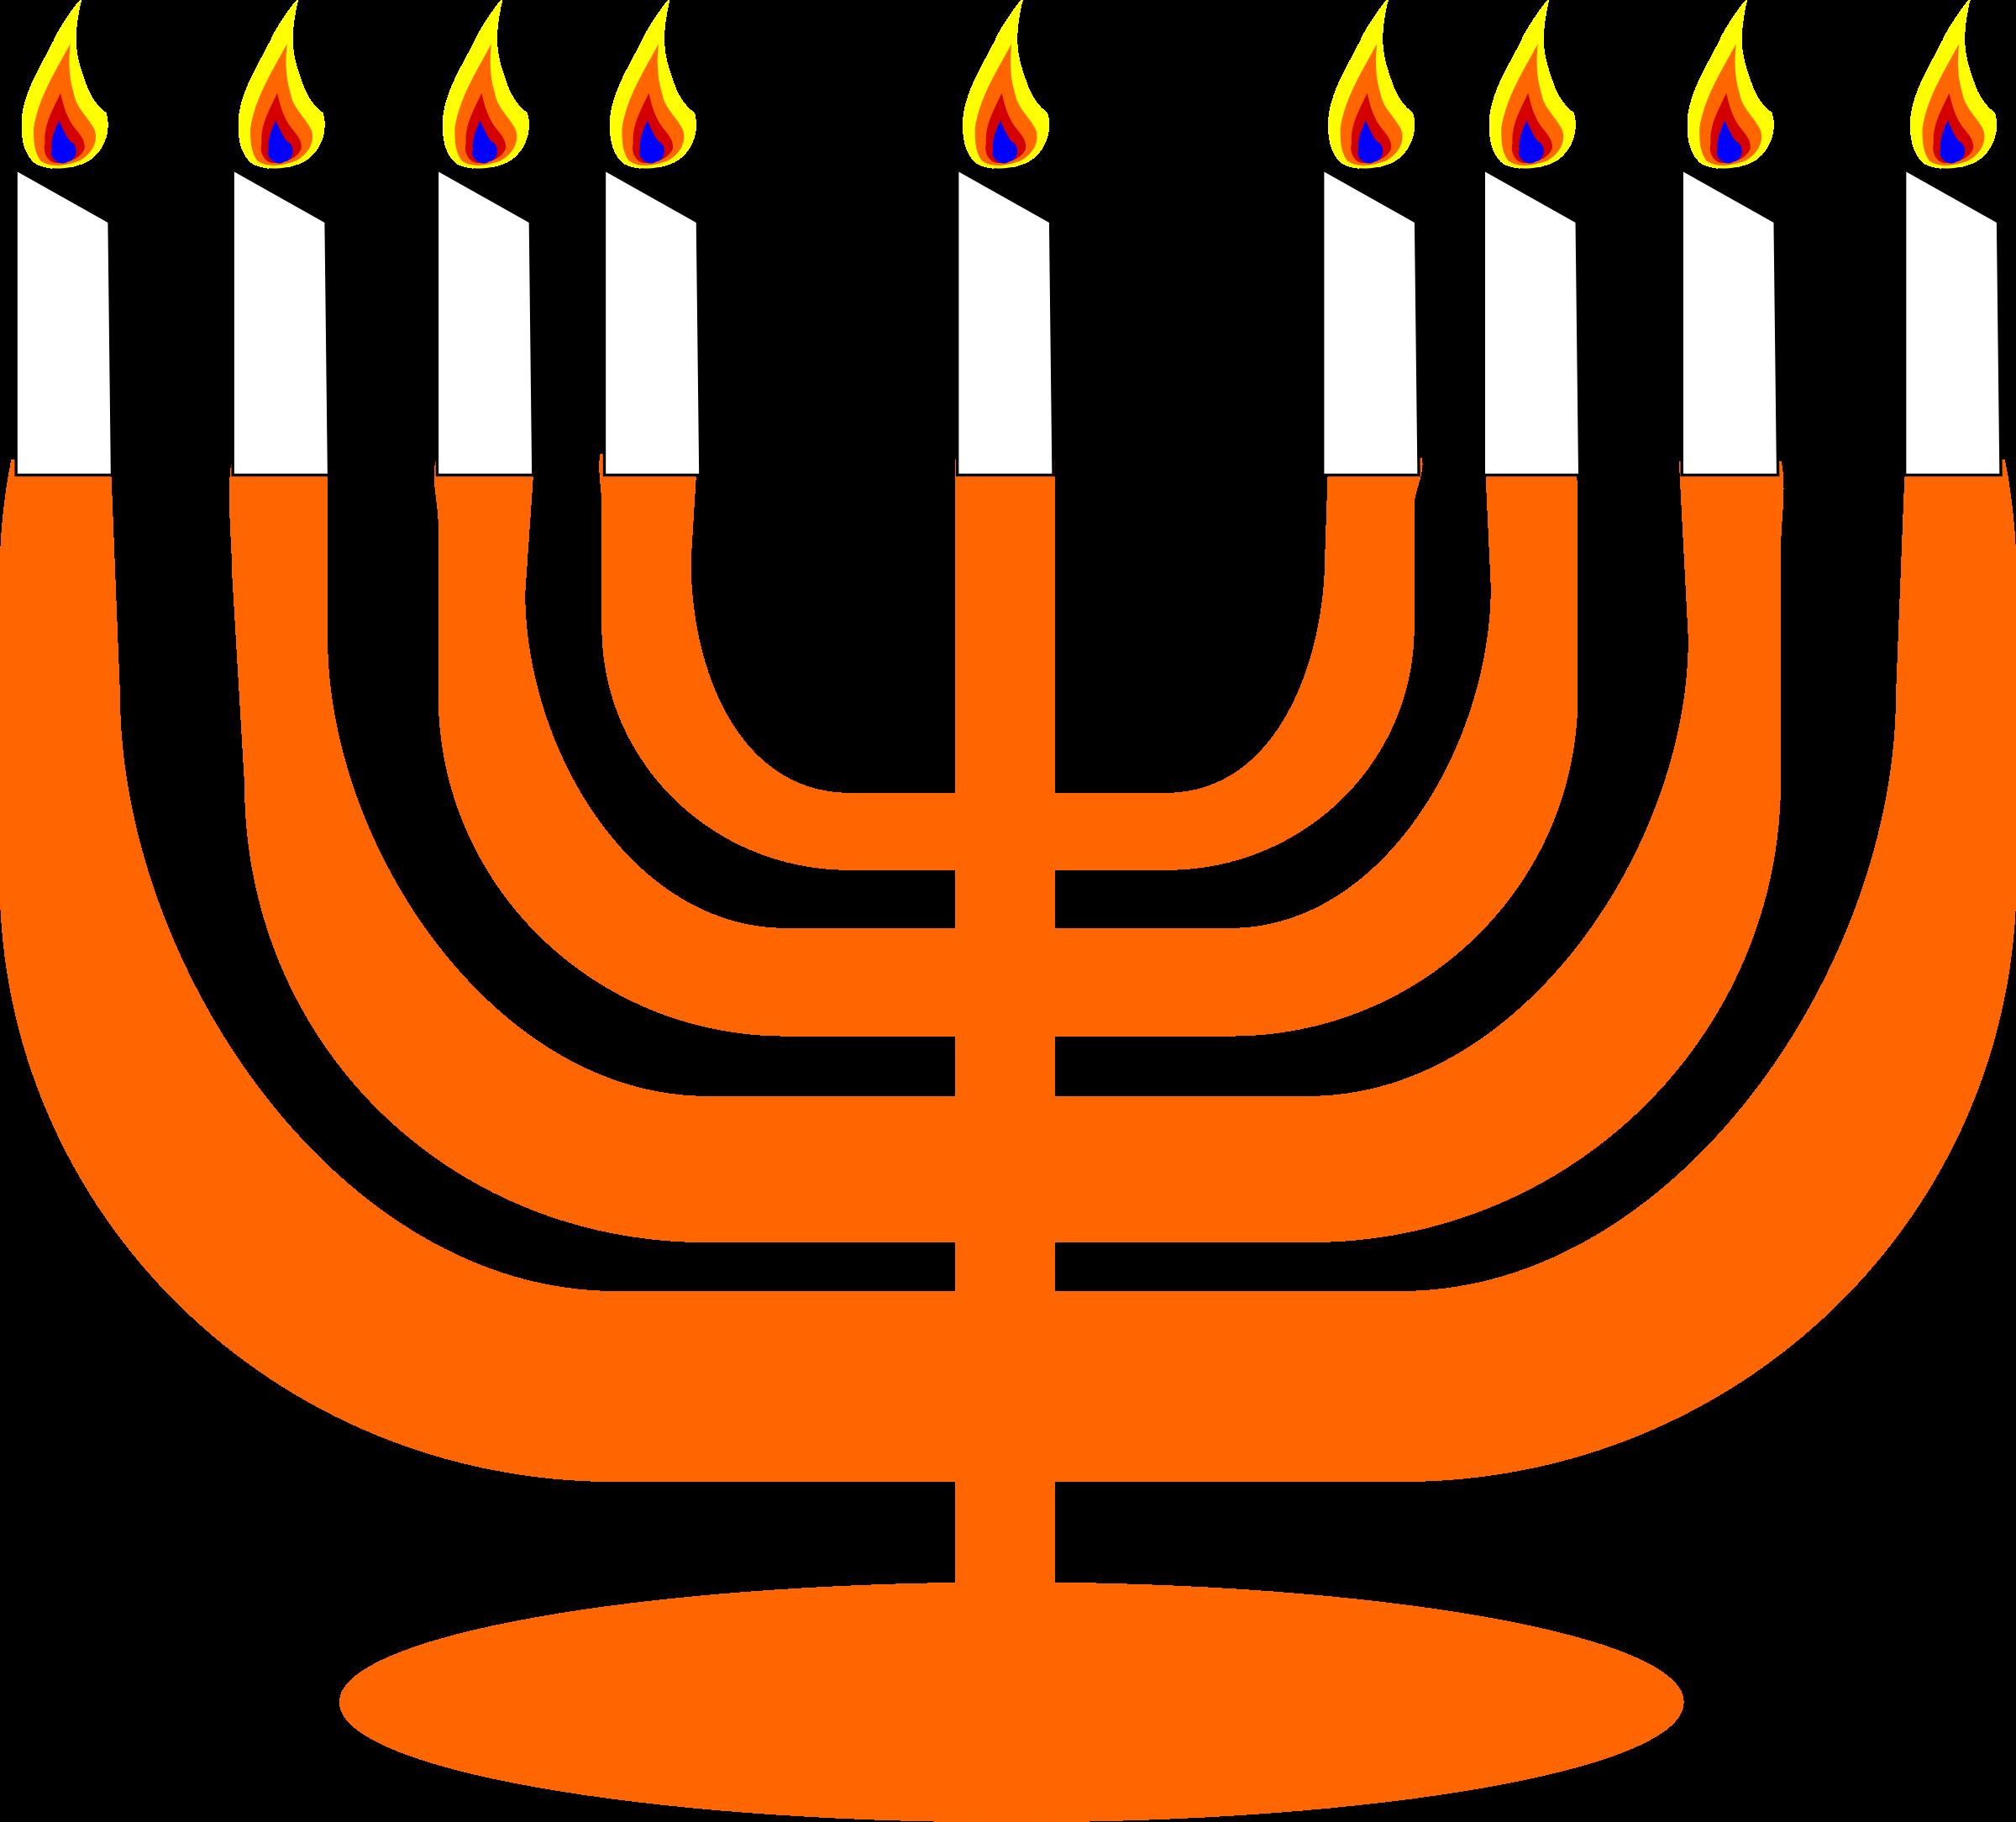 svg royalty free download Simple for hanukkah big. Menorah clipart svg.